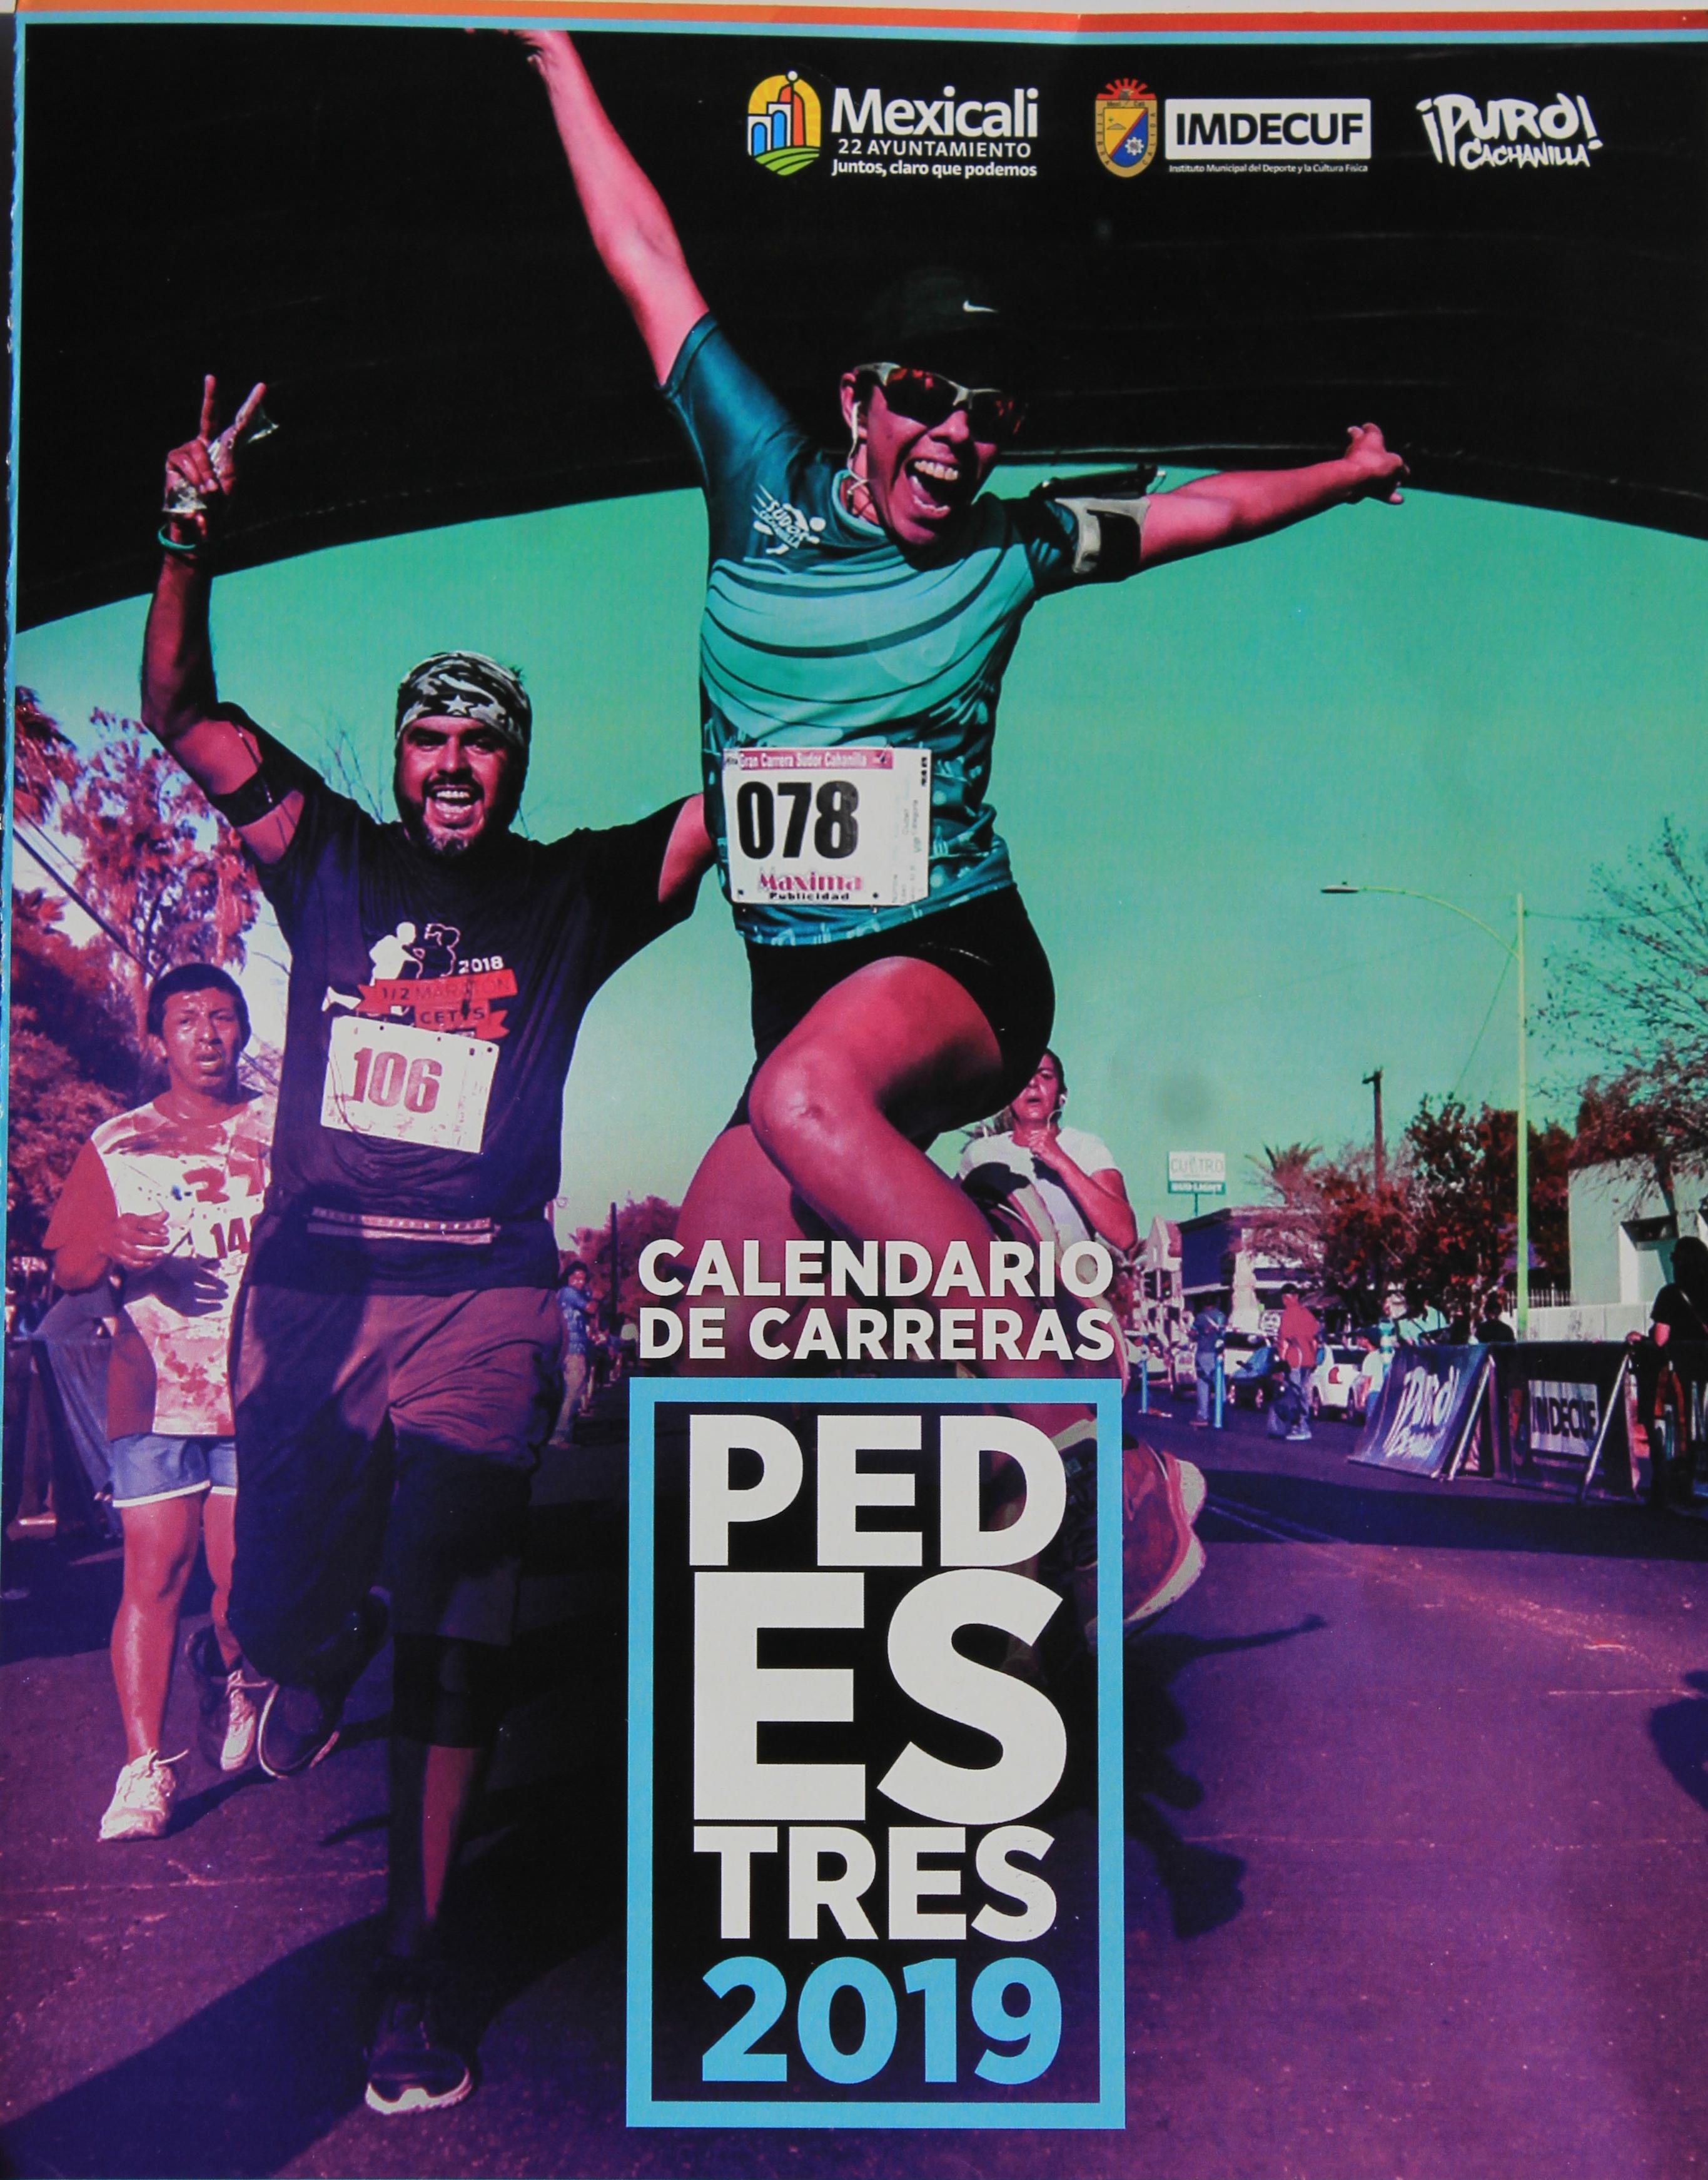 Calendario de Carreras Pedestres en Mexicali 2019.